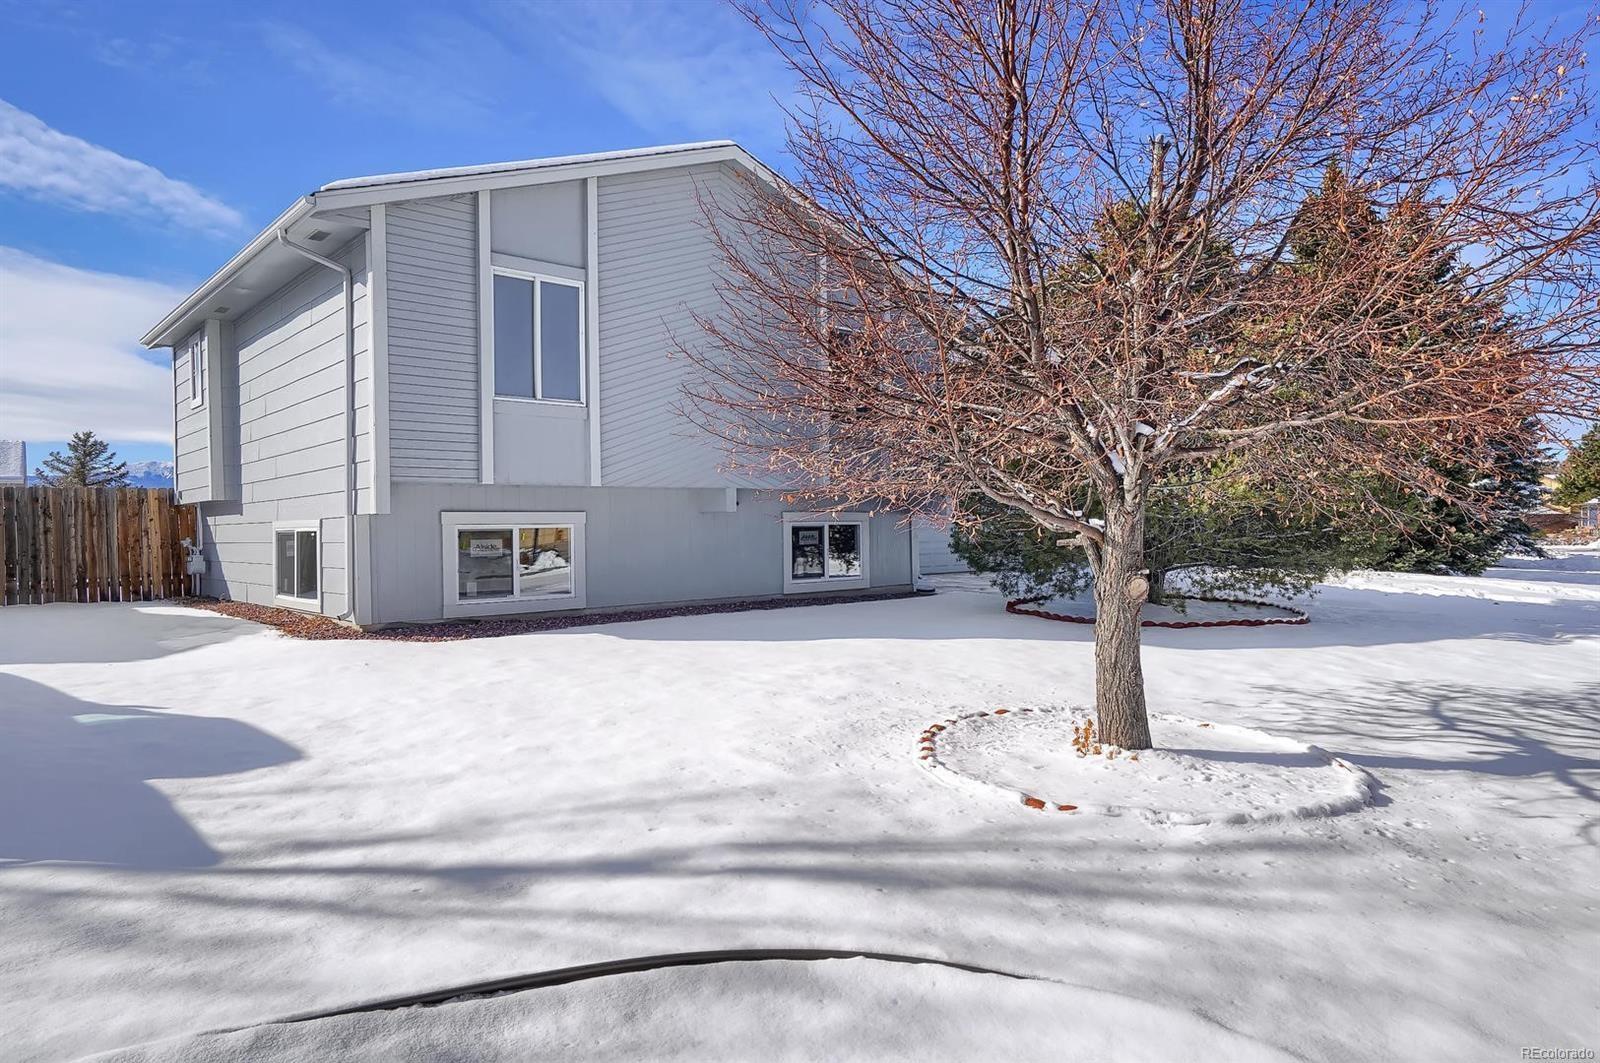 MLS# 3953190 - 3 - 2355 Parliament Drive, Colorado Springs, CO 80920